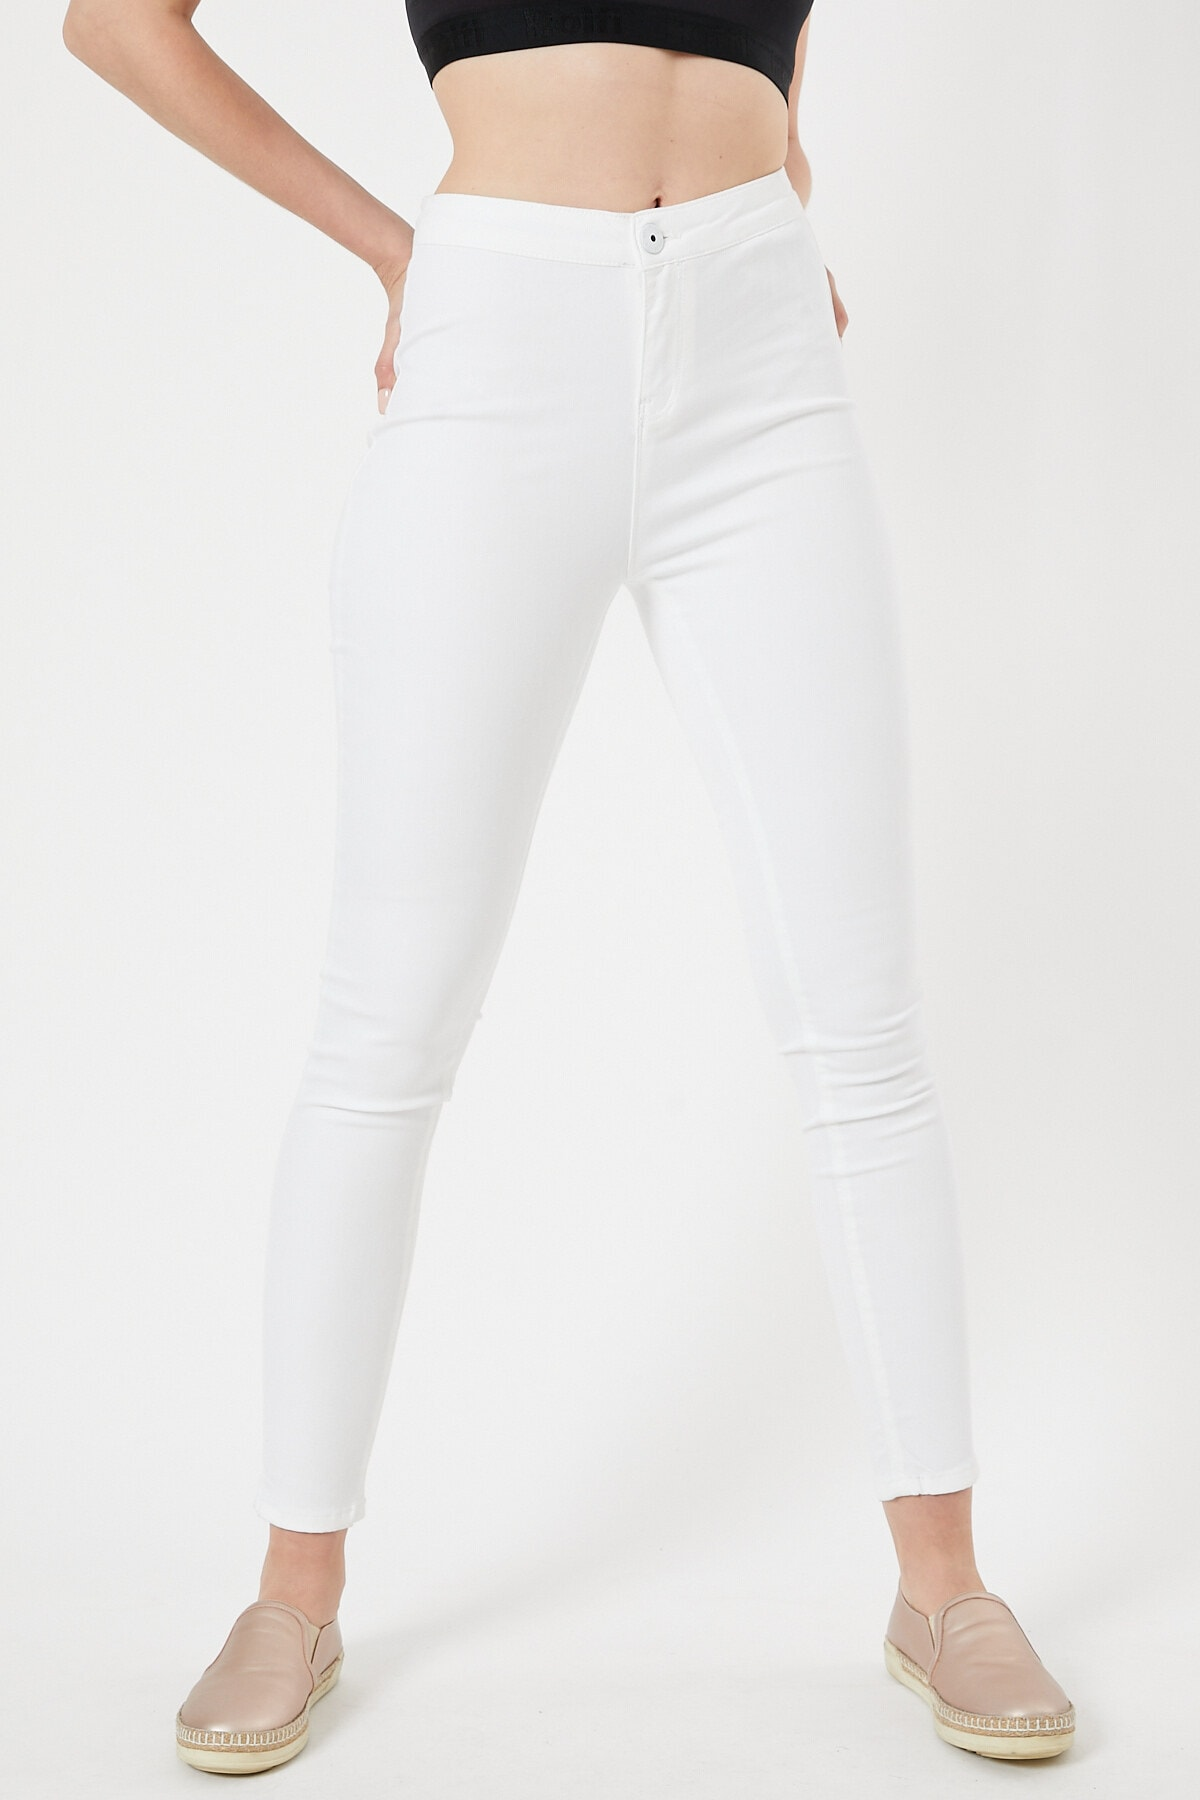 EEL JEANS Beyaz Renk Kadın Tayt Pantolon 2